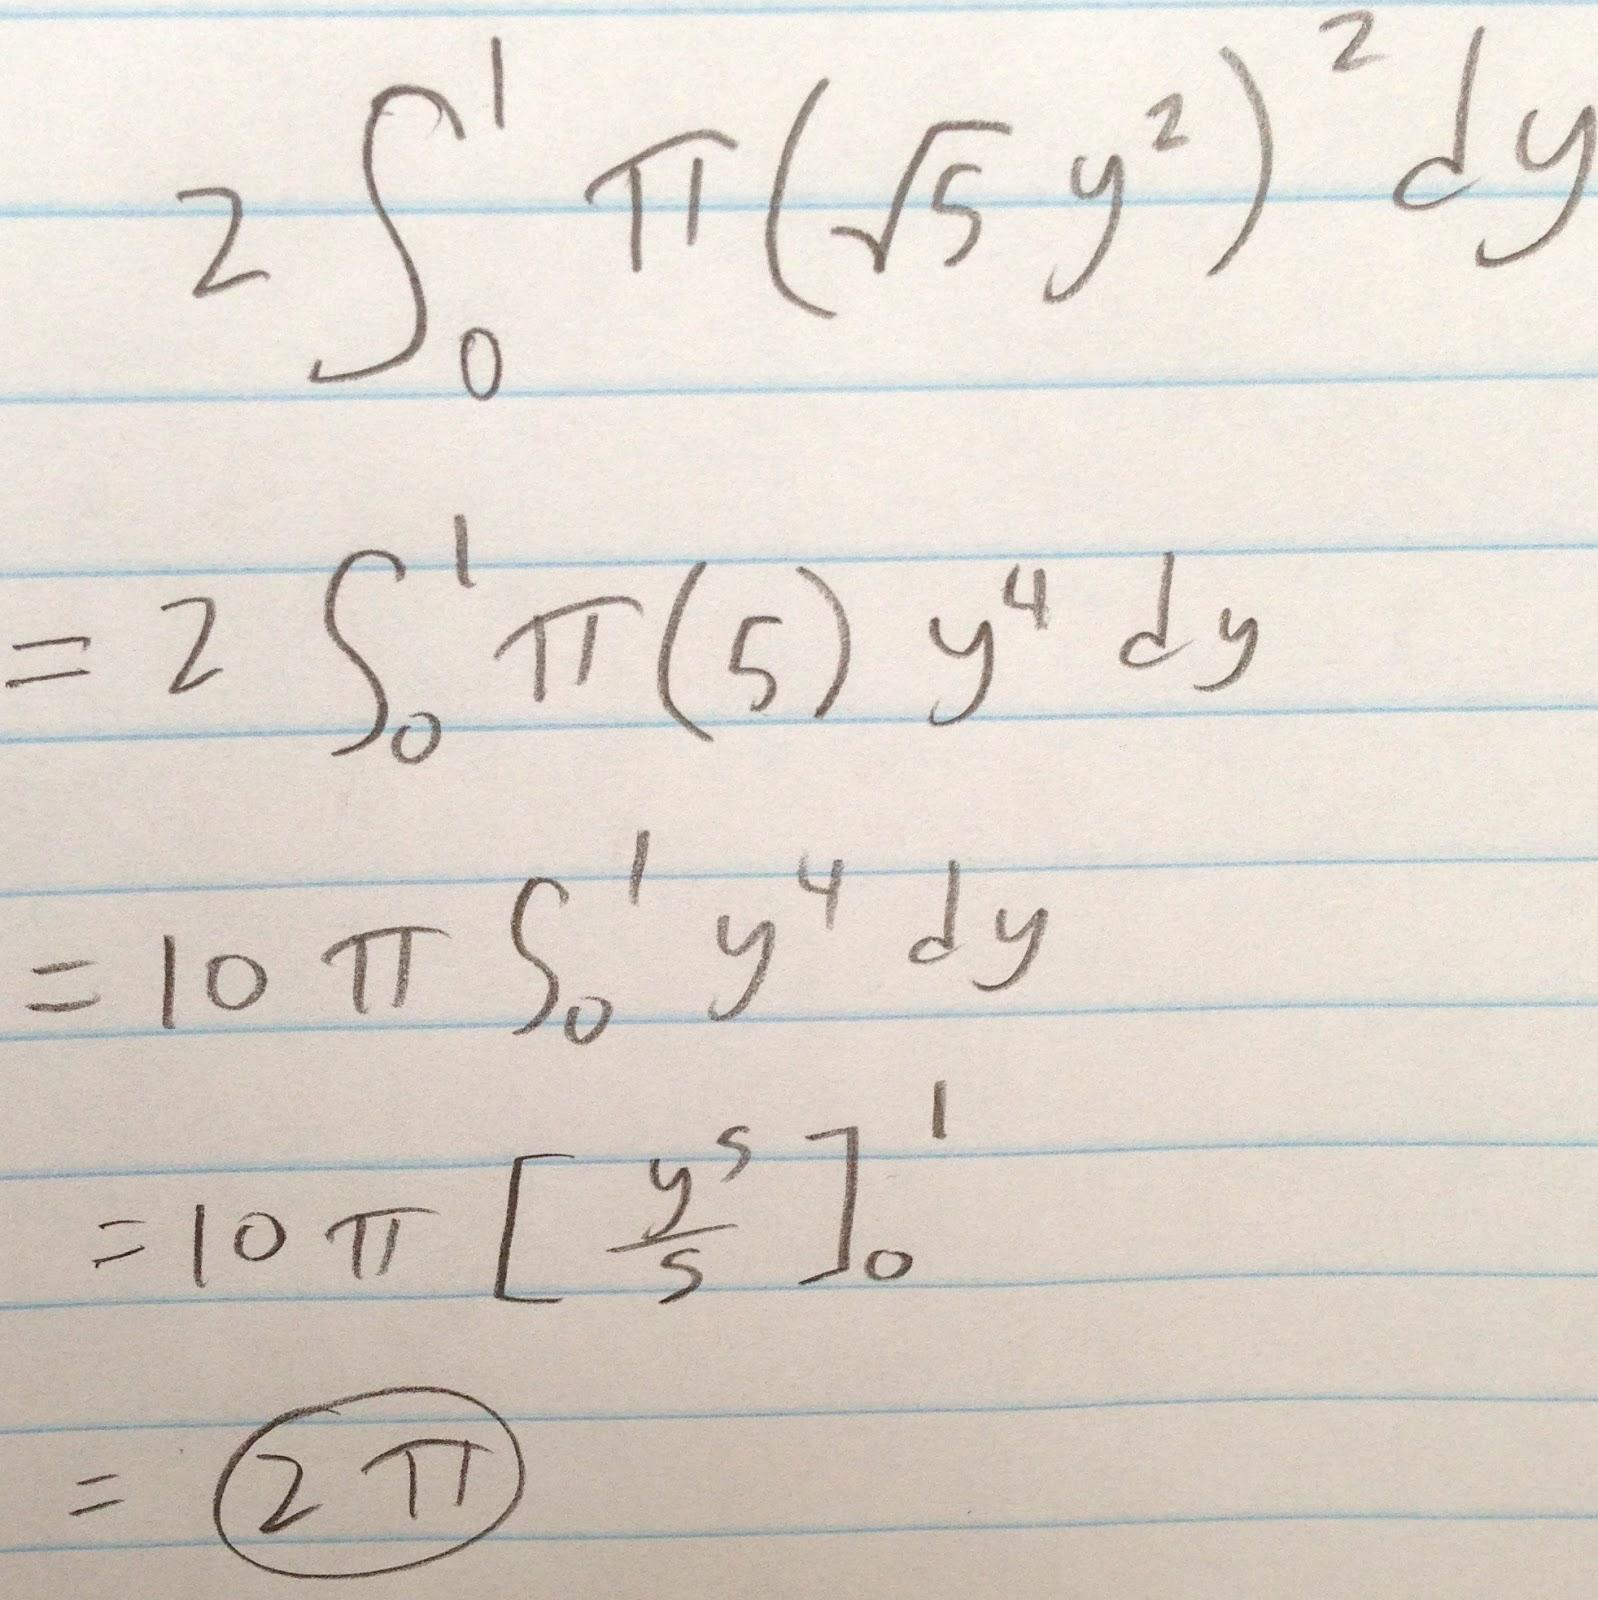 Mr O Brien S 13 Period 2 Ap Calculus March